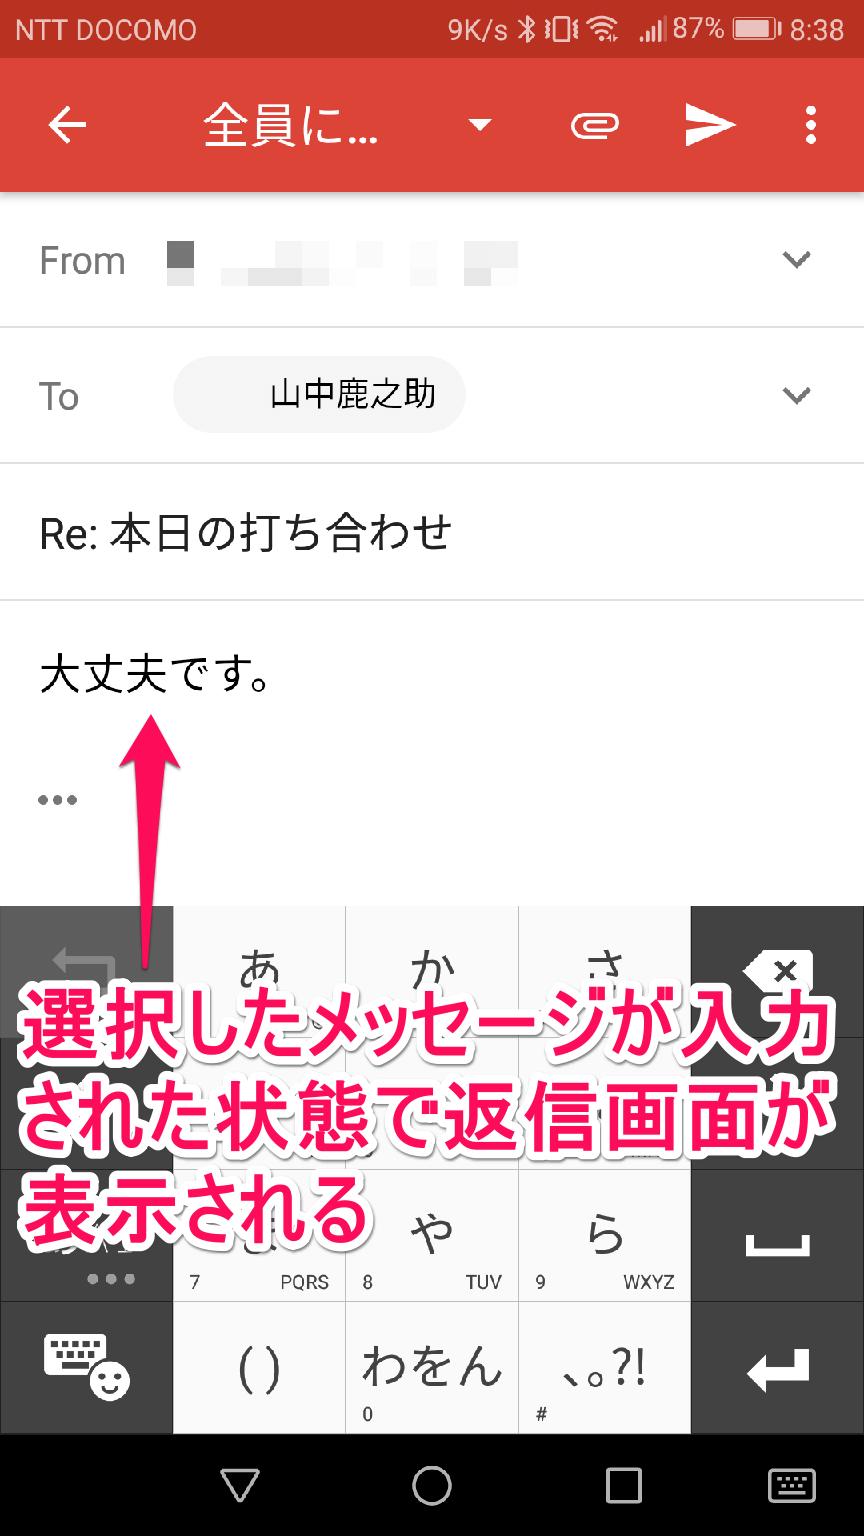 Gmail(ジーメール)のSmart Reply(スマートリプライ)で作成した文面の返信画面